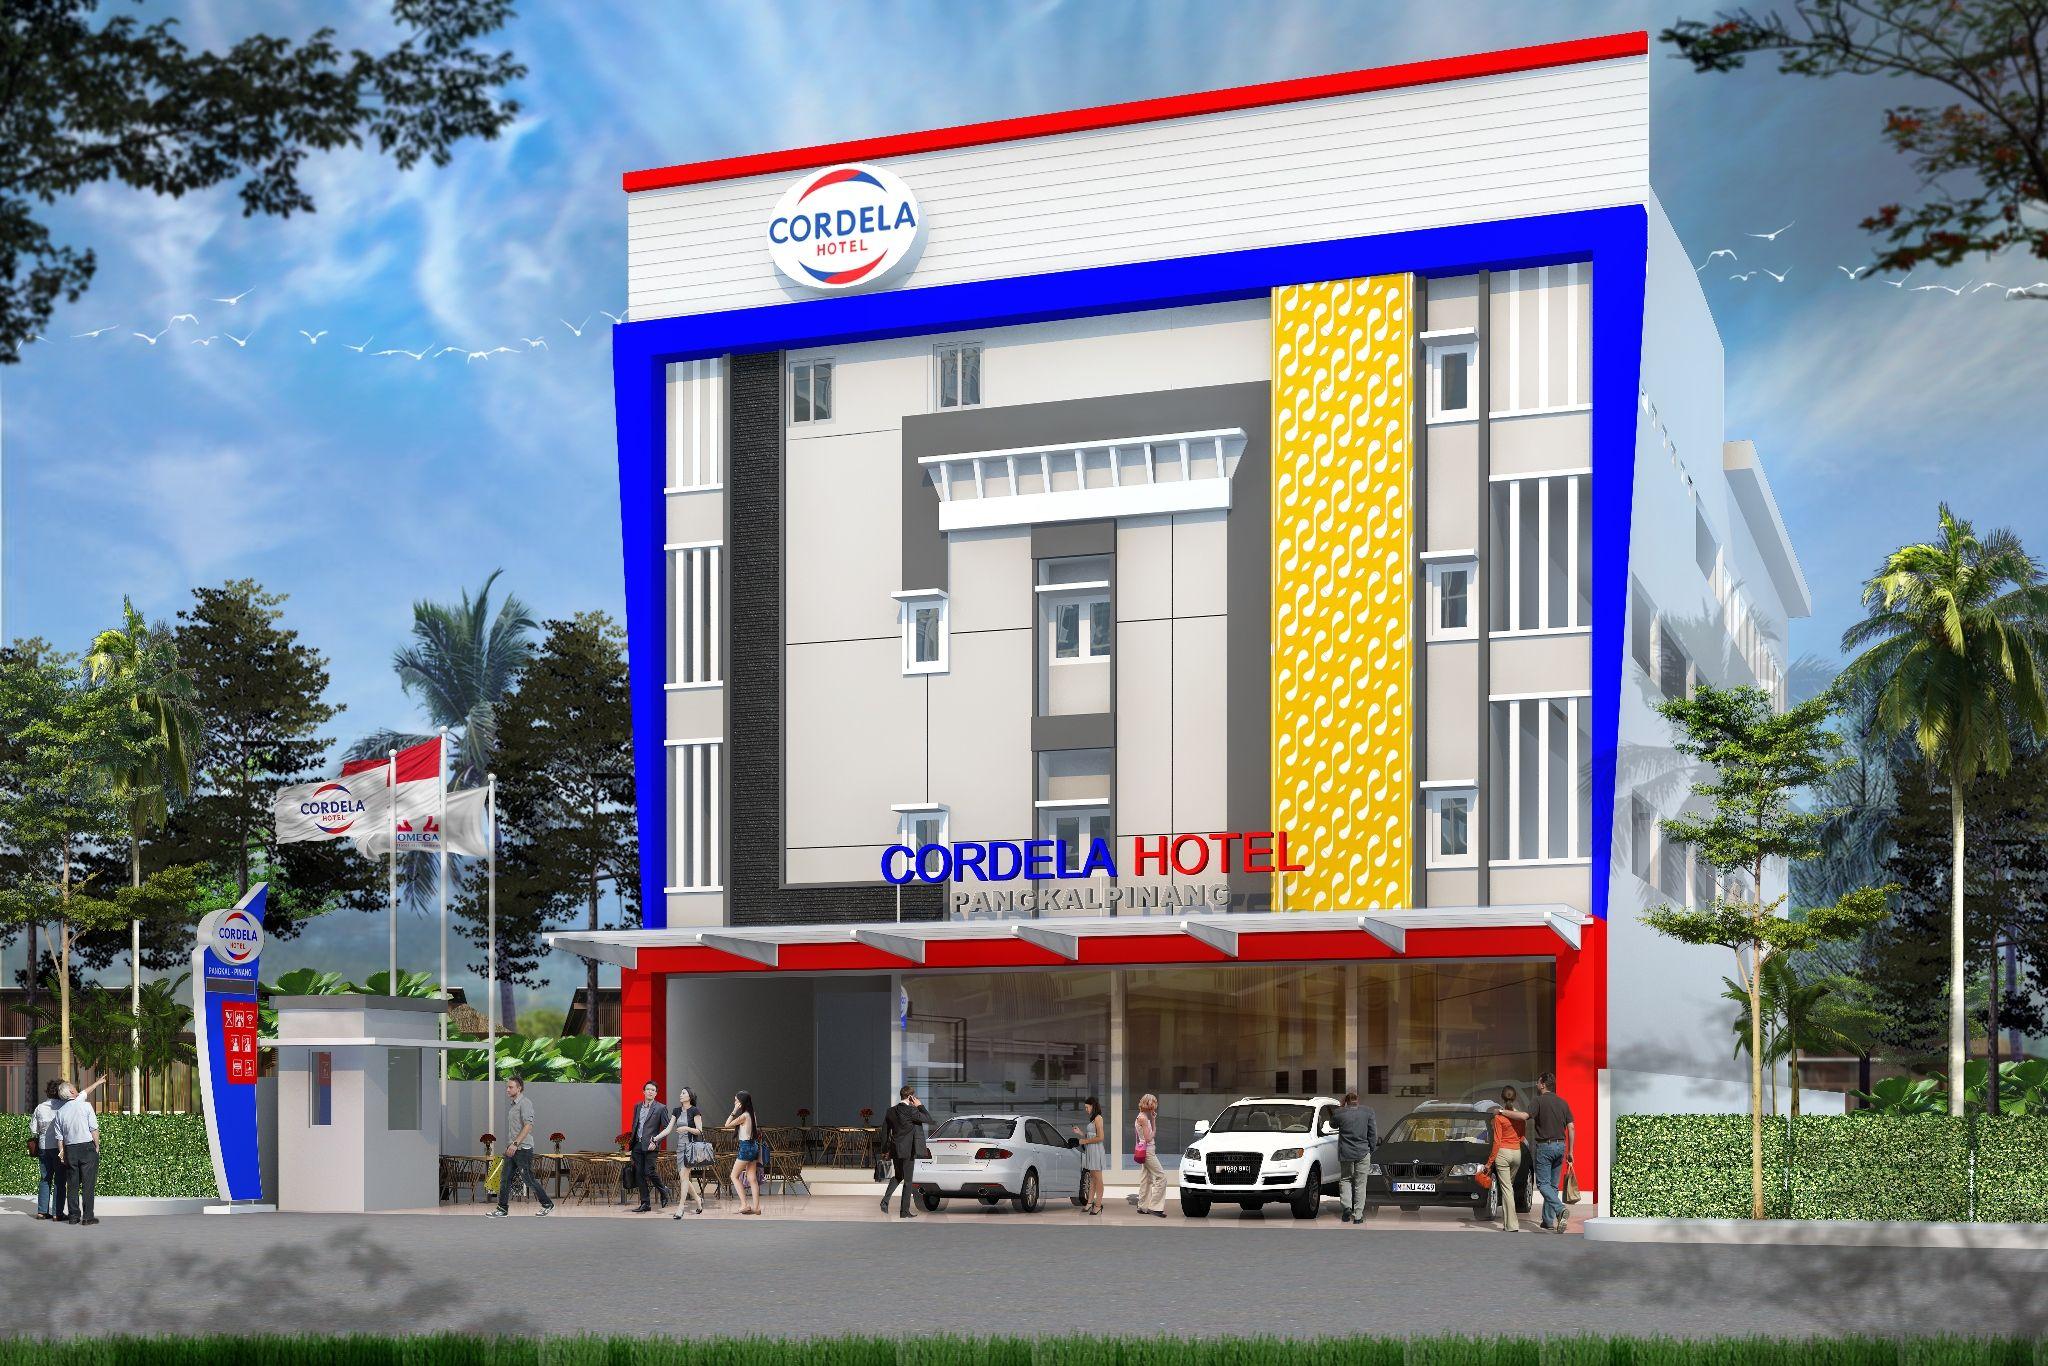 Cordela Hotel Pangkalpinang, Bangka Tengah